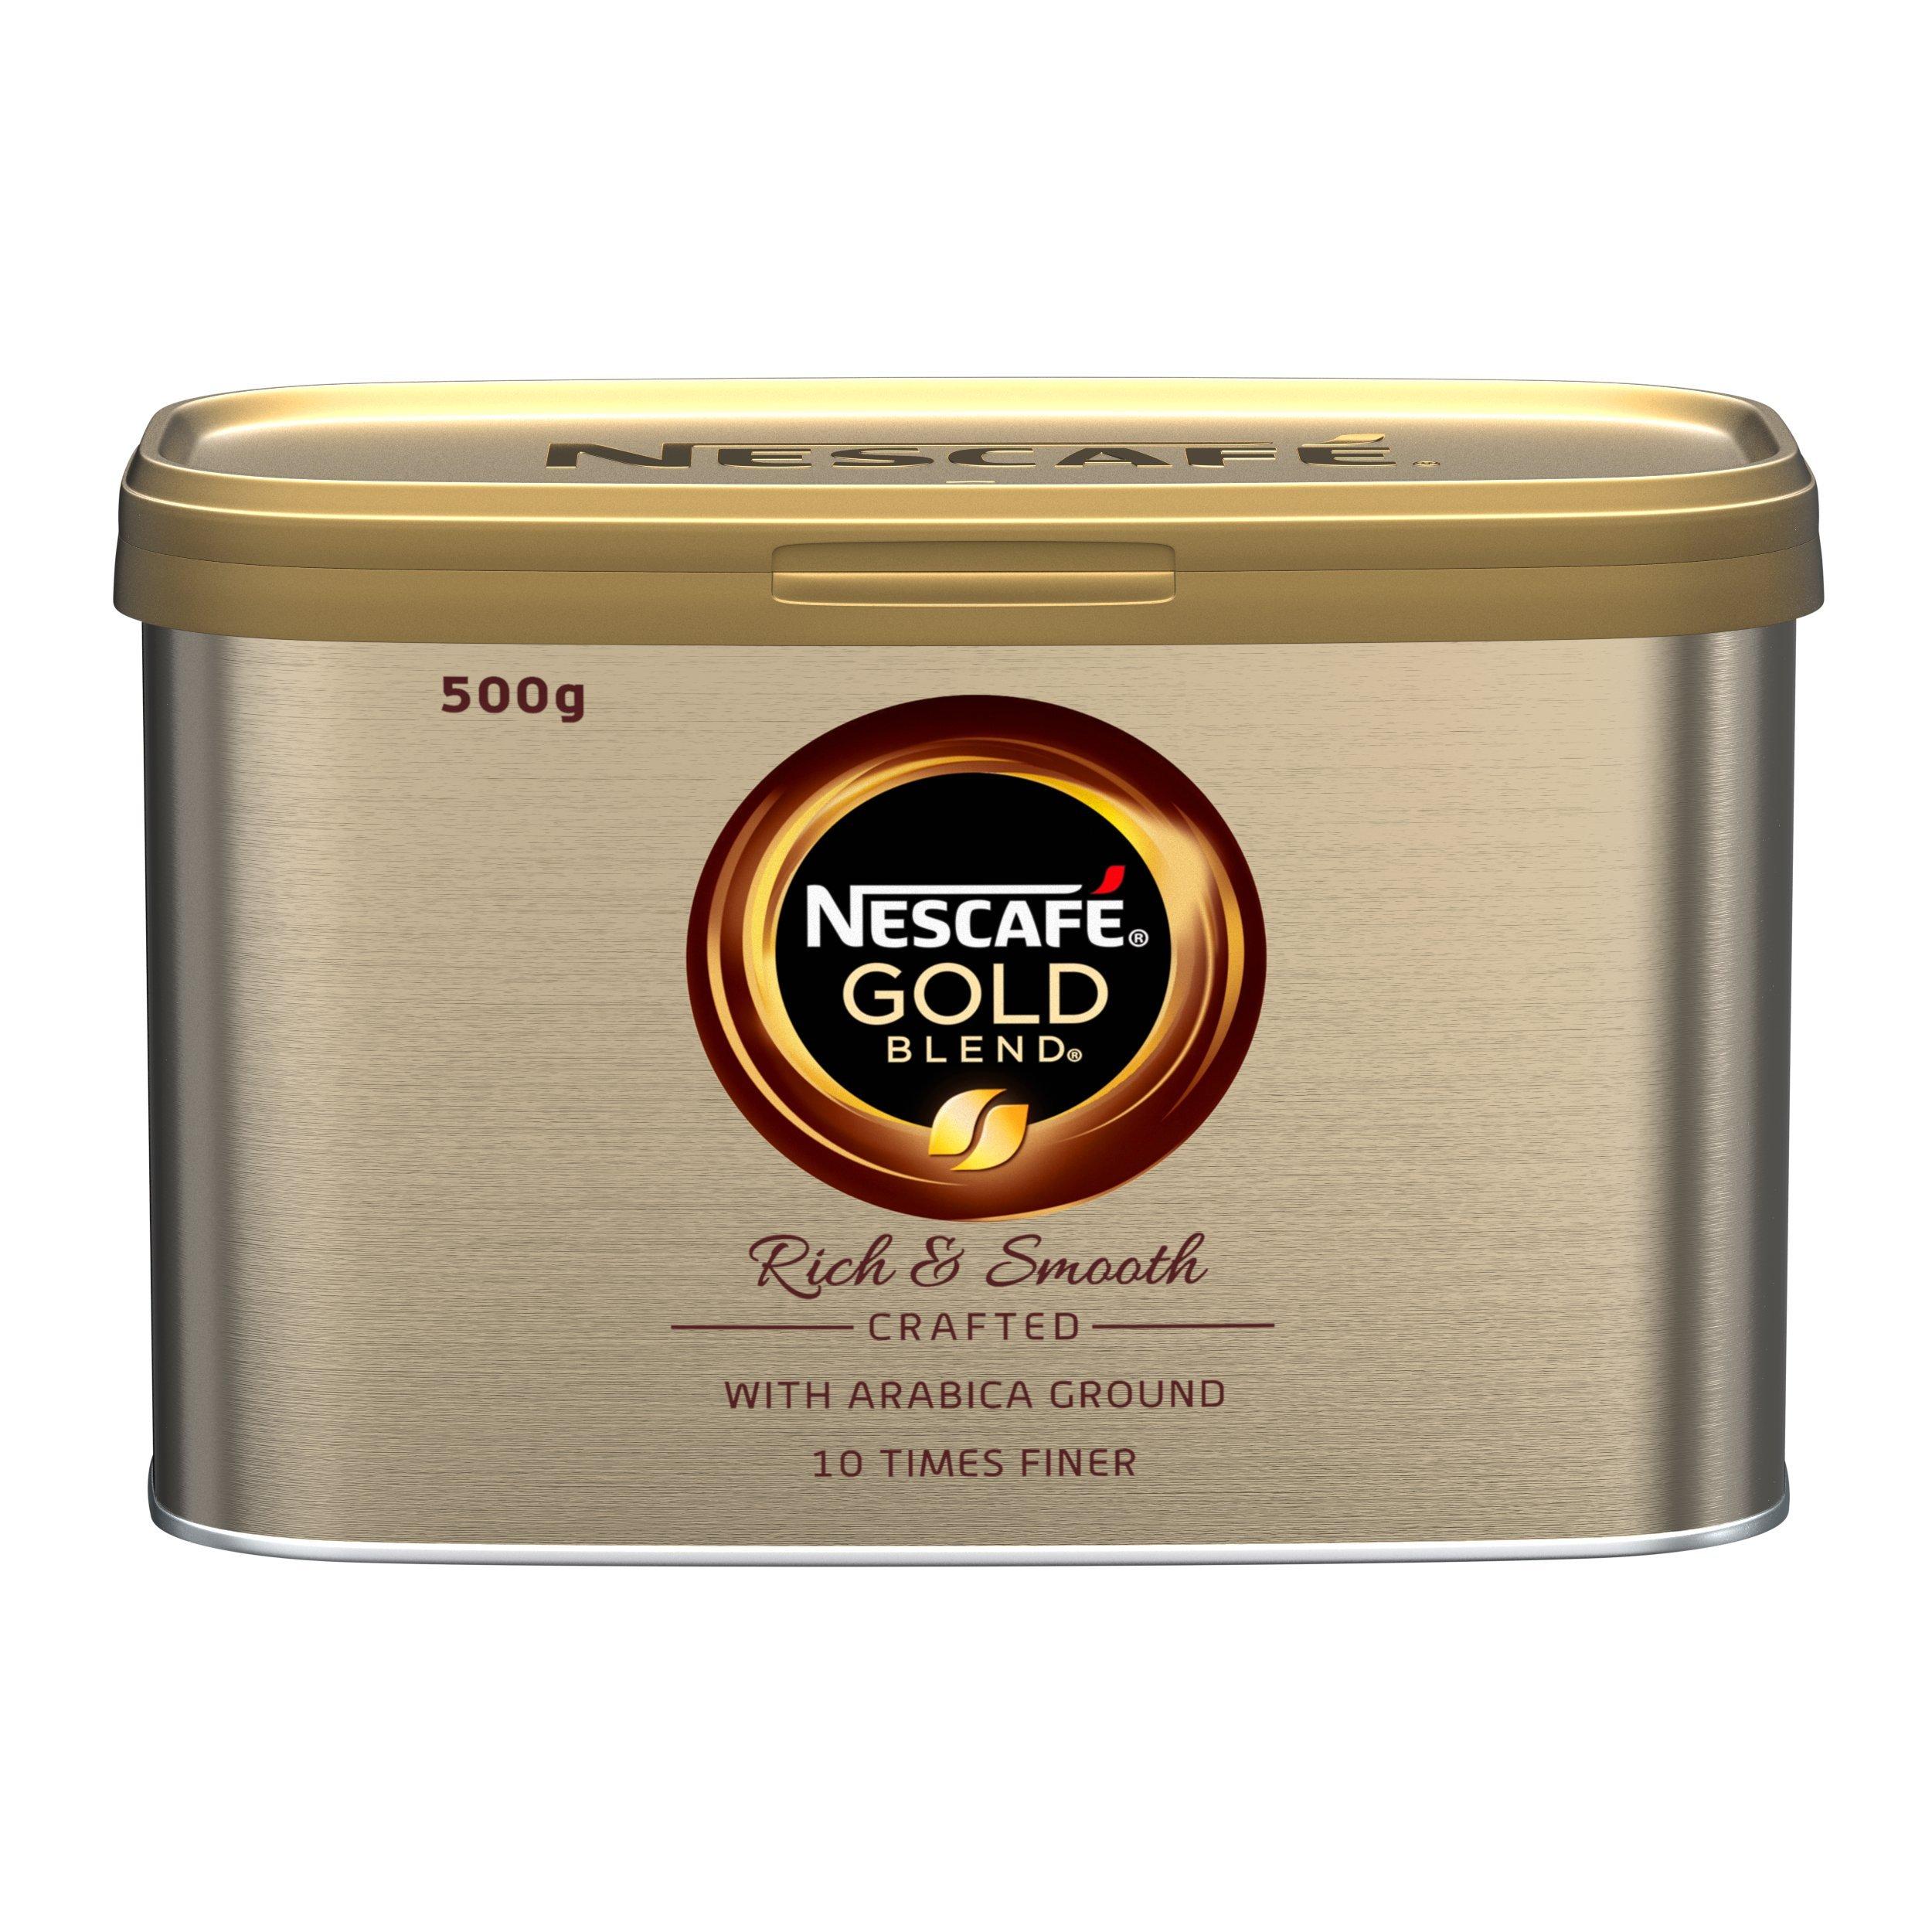 Nescafe Gold Blend Coffee (500g)